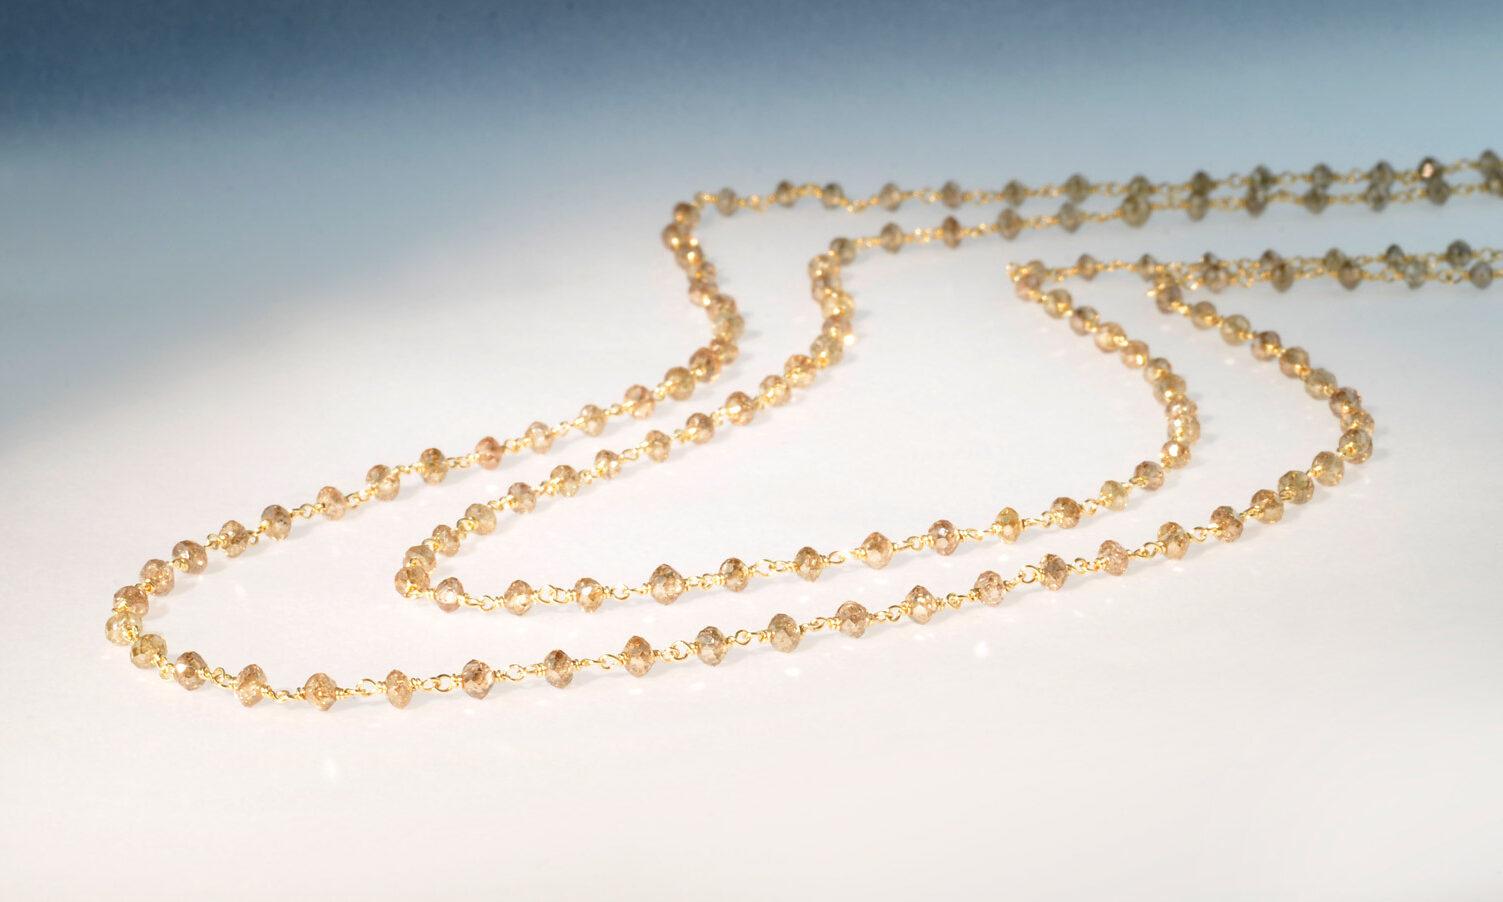 Kette diam gelb. Kette Diamant gelb-braun naturfarben, d 3 mm, 26.88 ct., von Hand montiert auf Draht aus Gelbgold 750, Länge 121 cm, CHF 7100.-